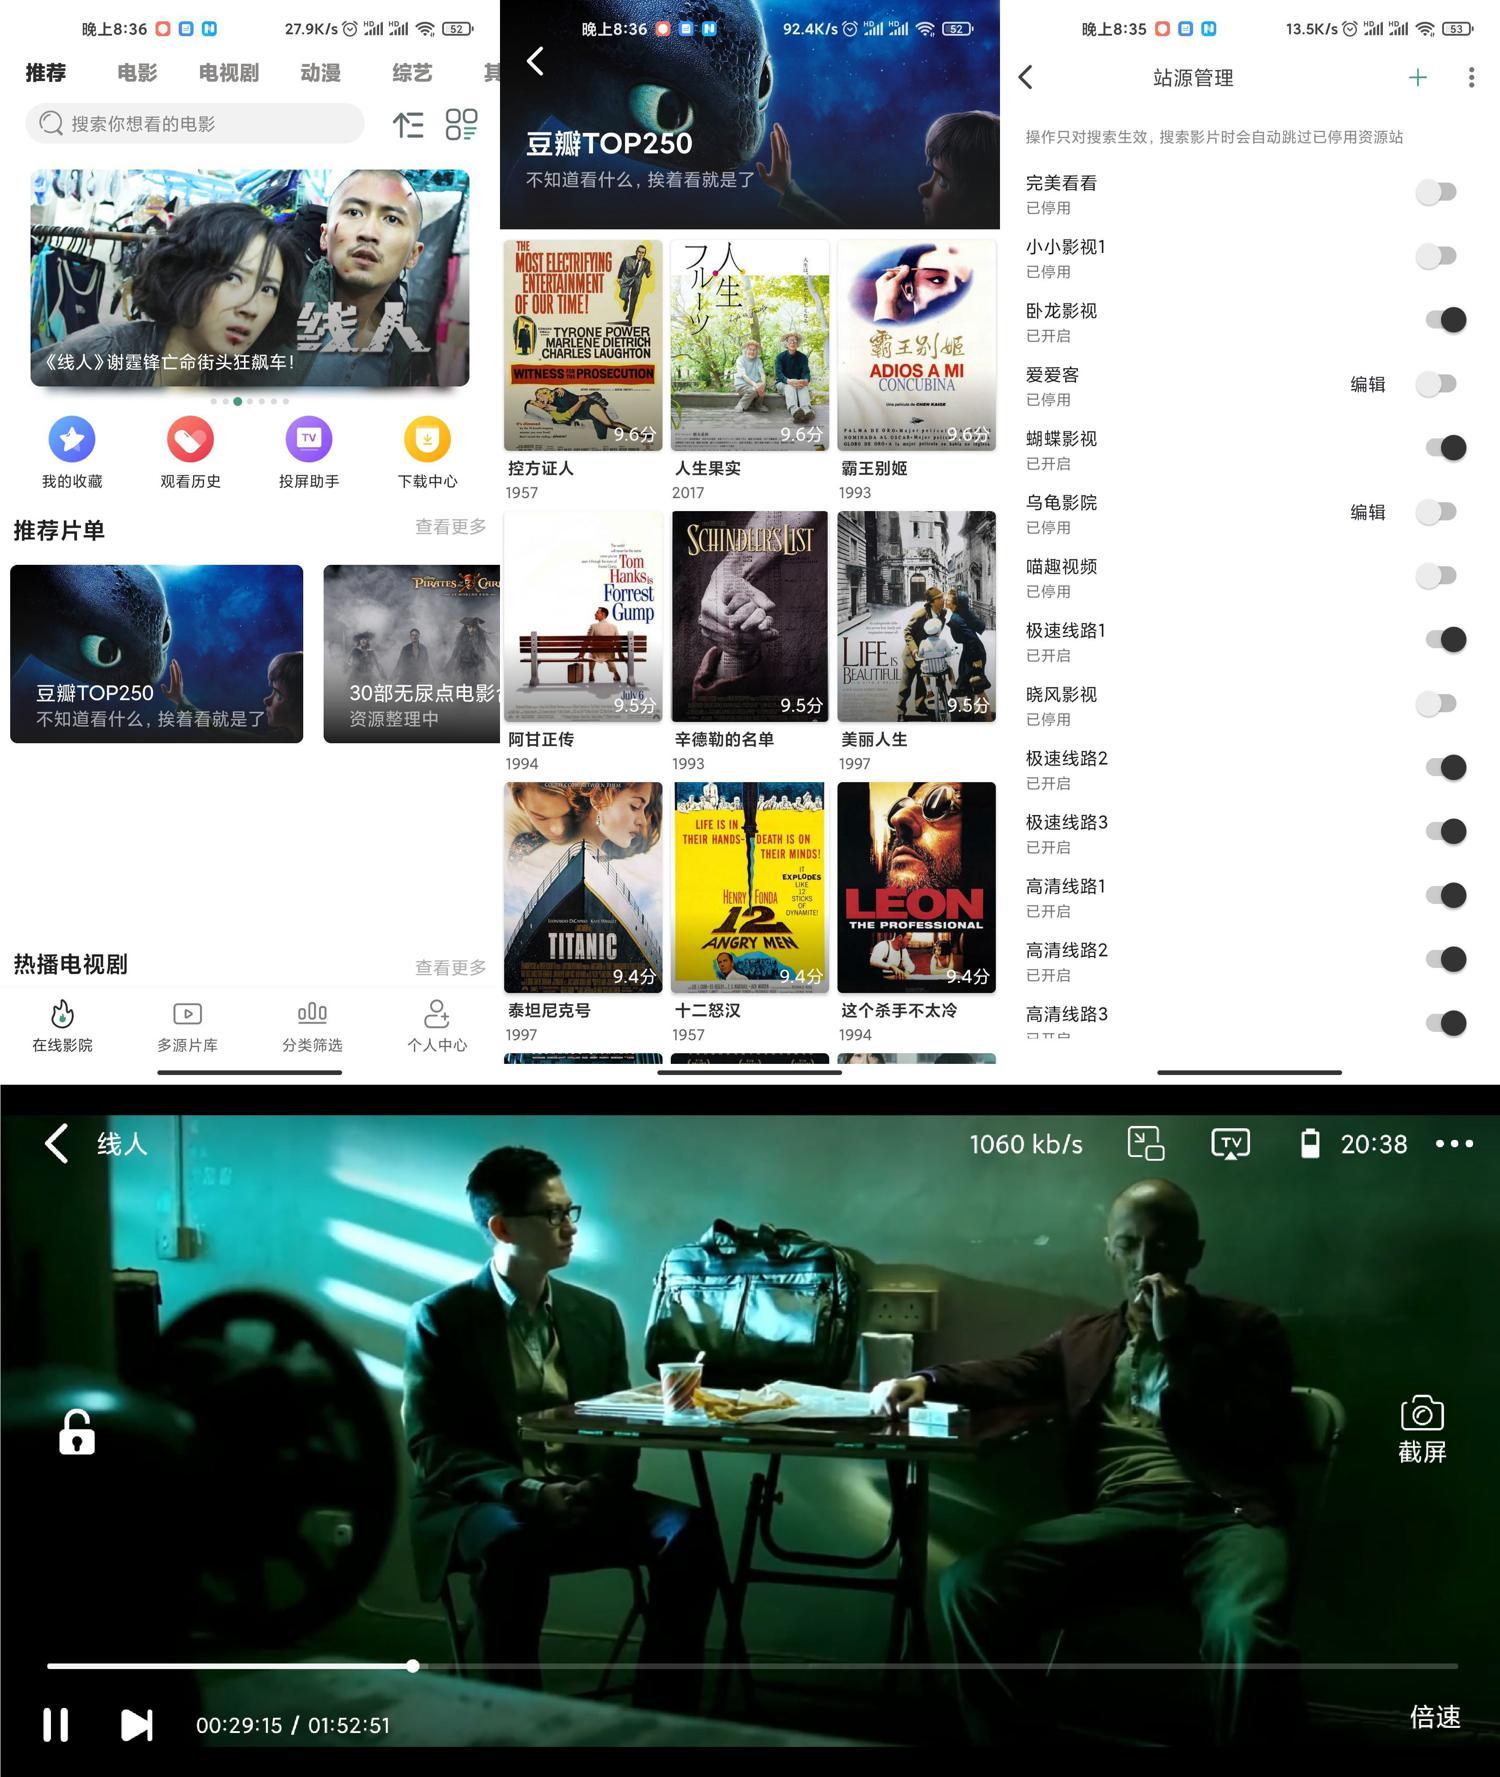 极光影院V2.0.0安卓绿化版超多接口